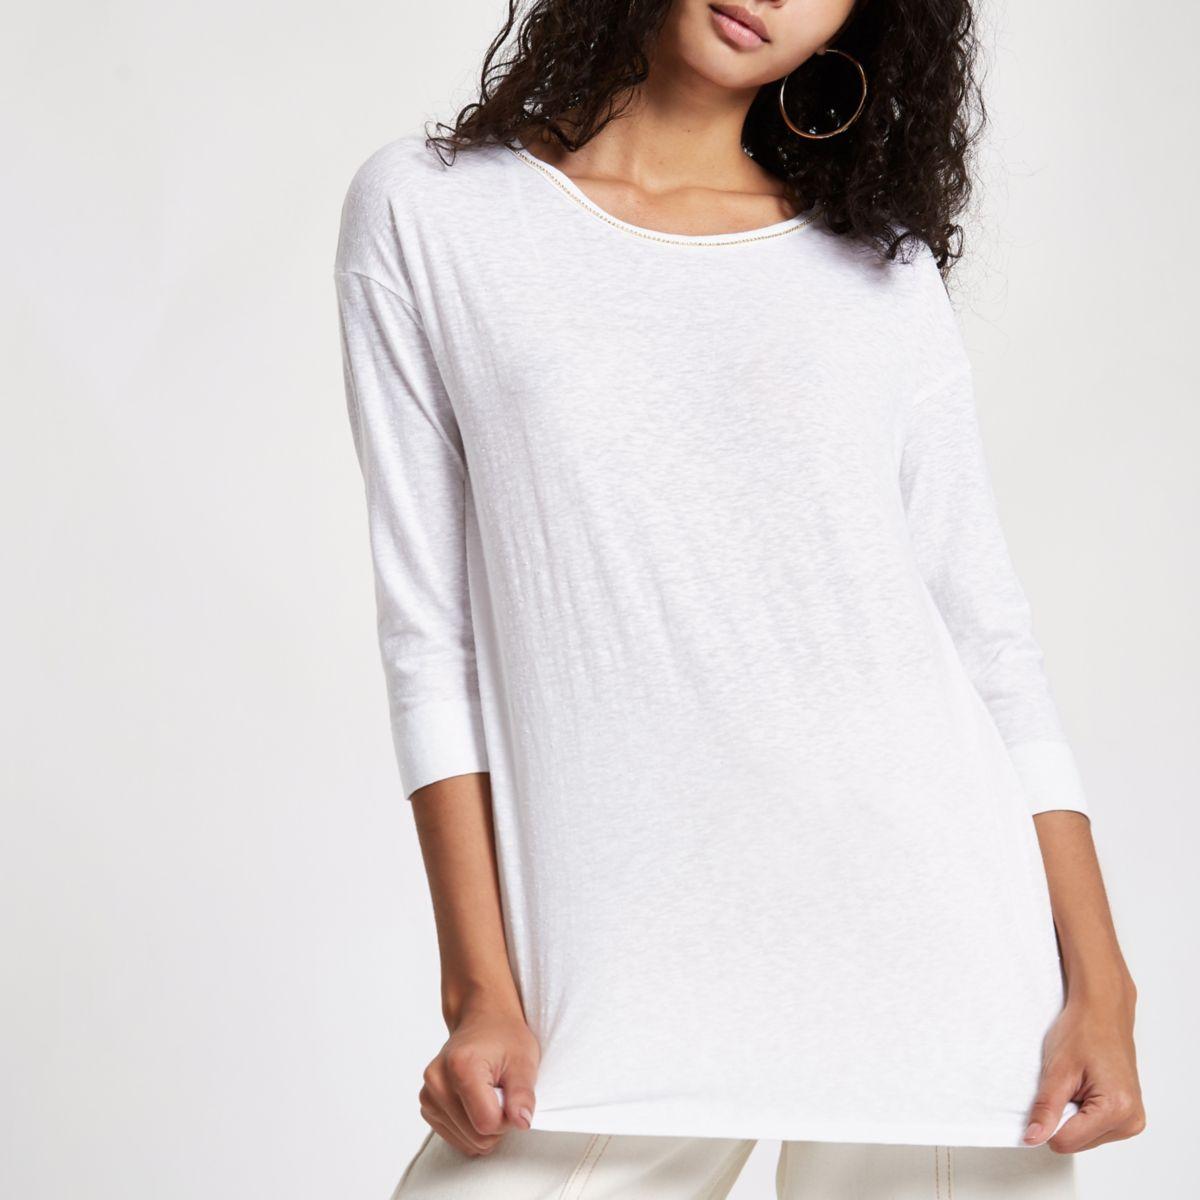 White rhinestone embellished T-shirt